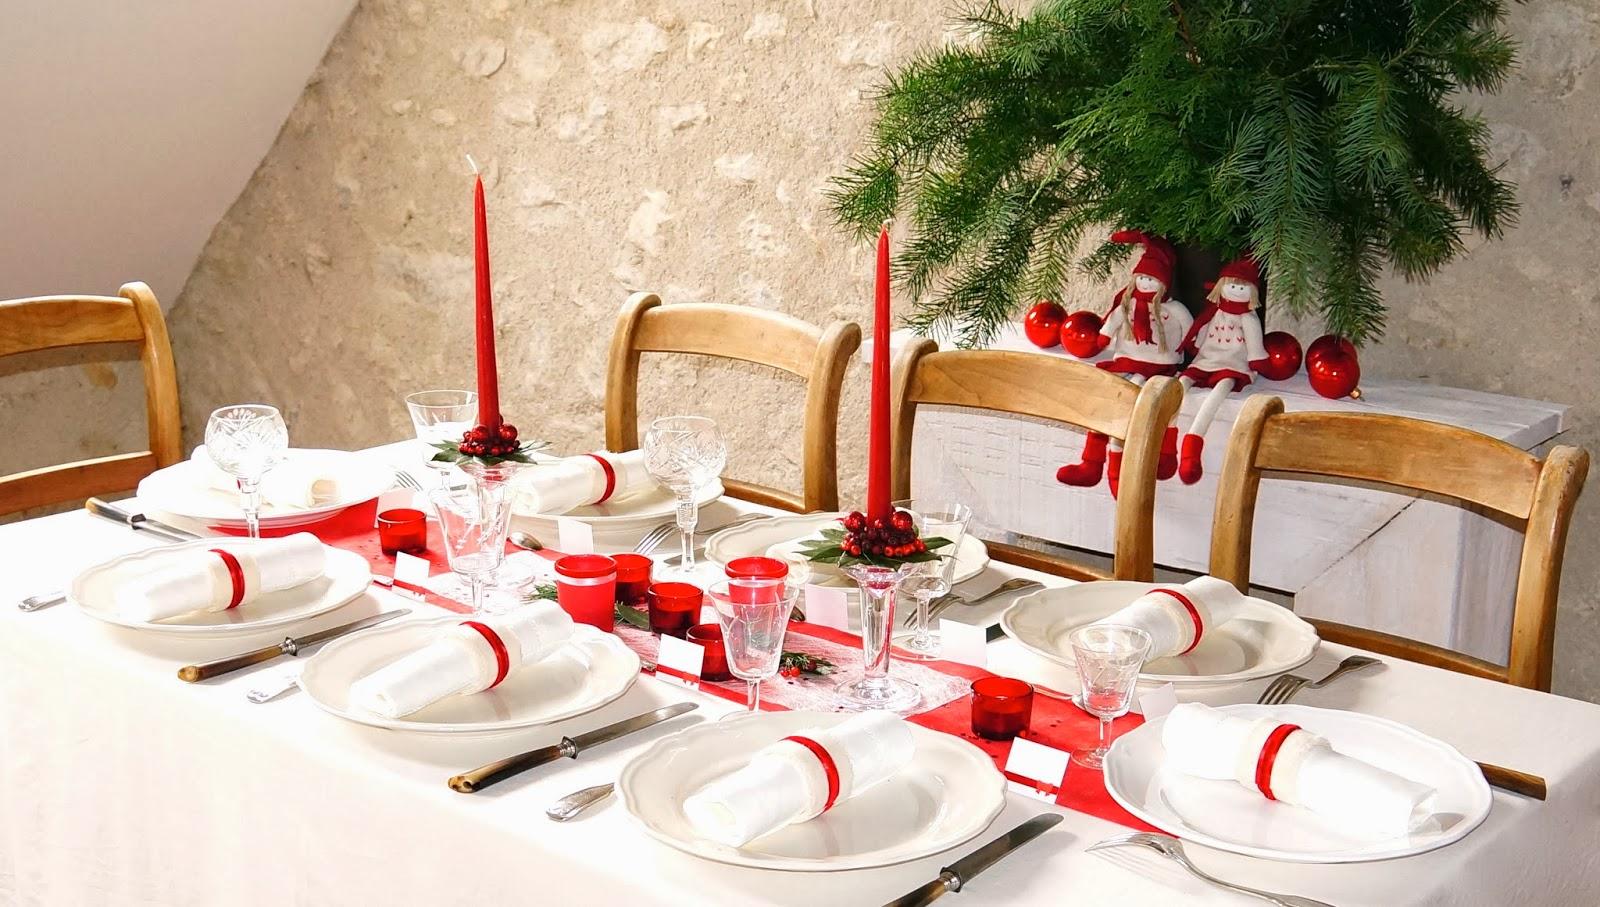 Ma boutique d co table d coration de table d corations de table de no l de ma boutique - Idee table de noel ...